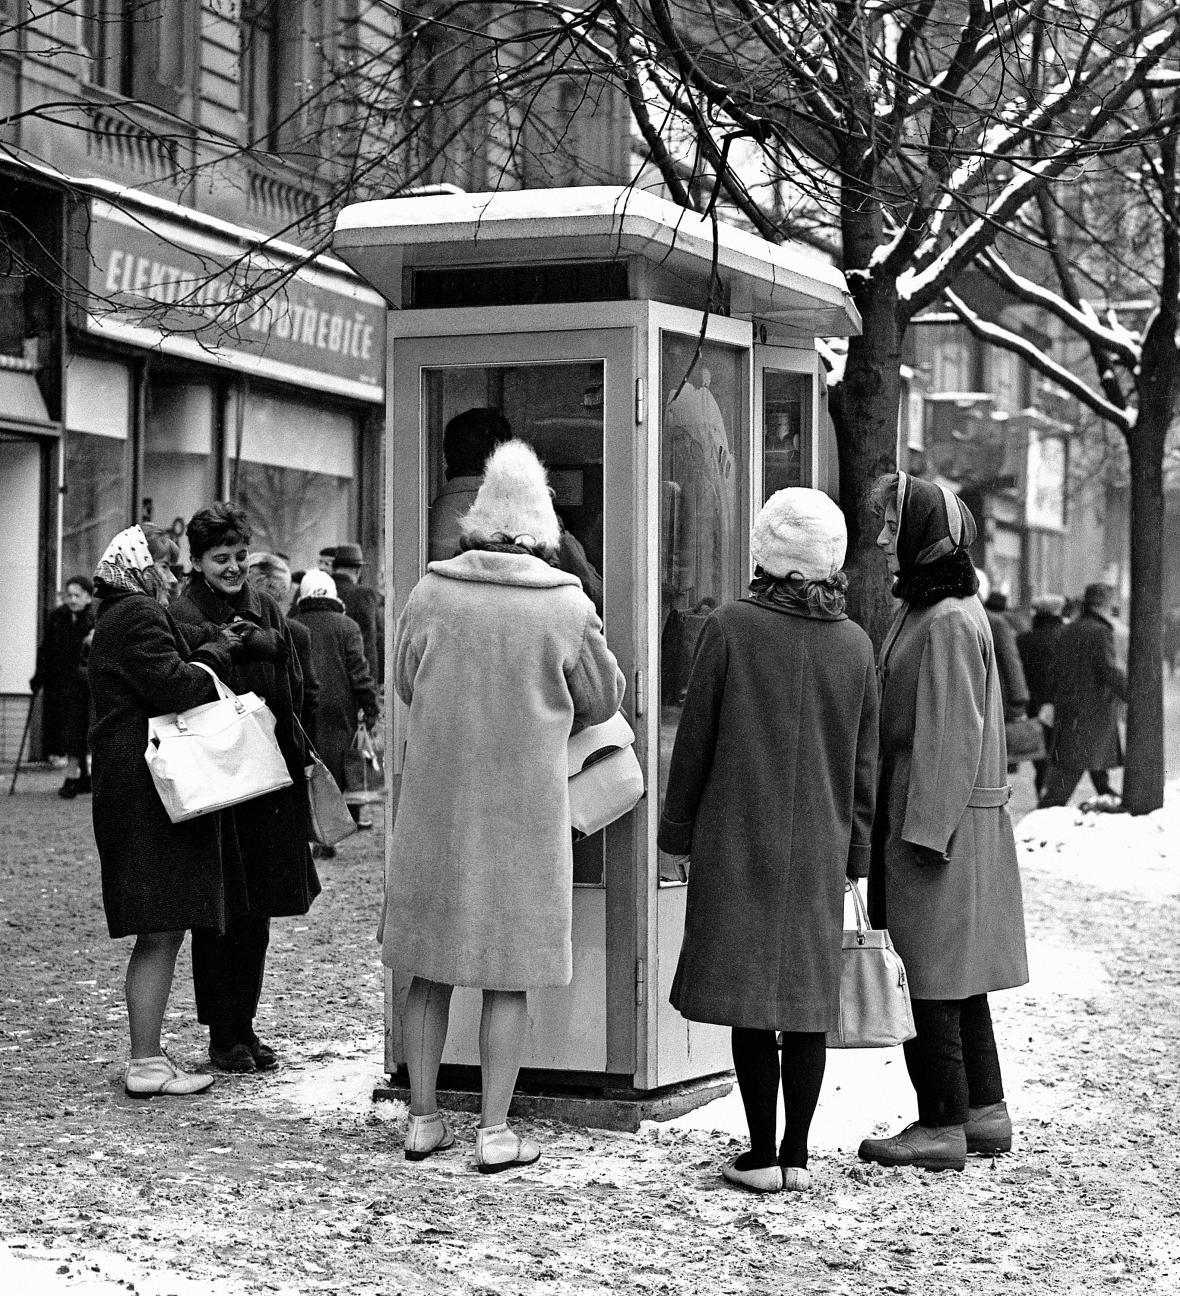 Fronta na telefonní budku na Václavském náměstí v Praze v roce 1960